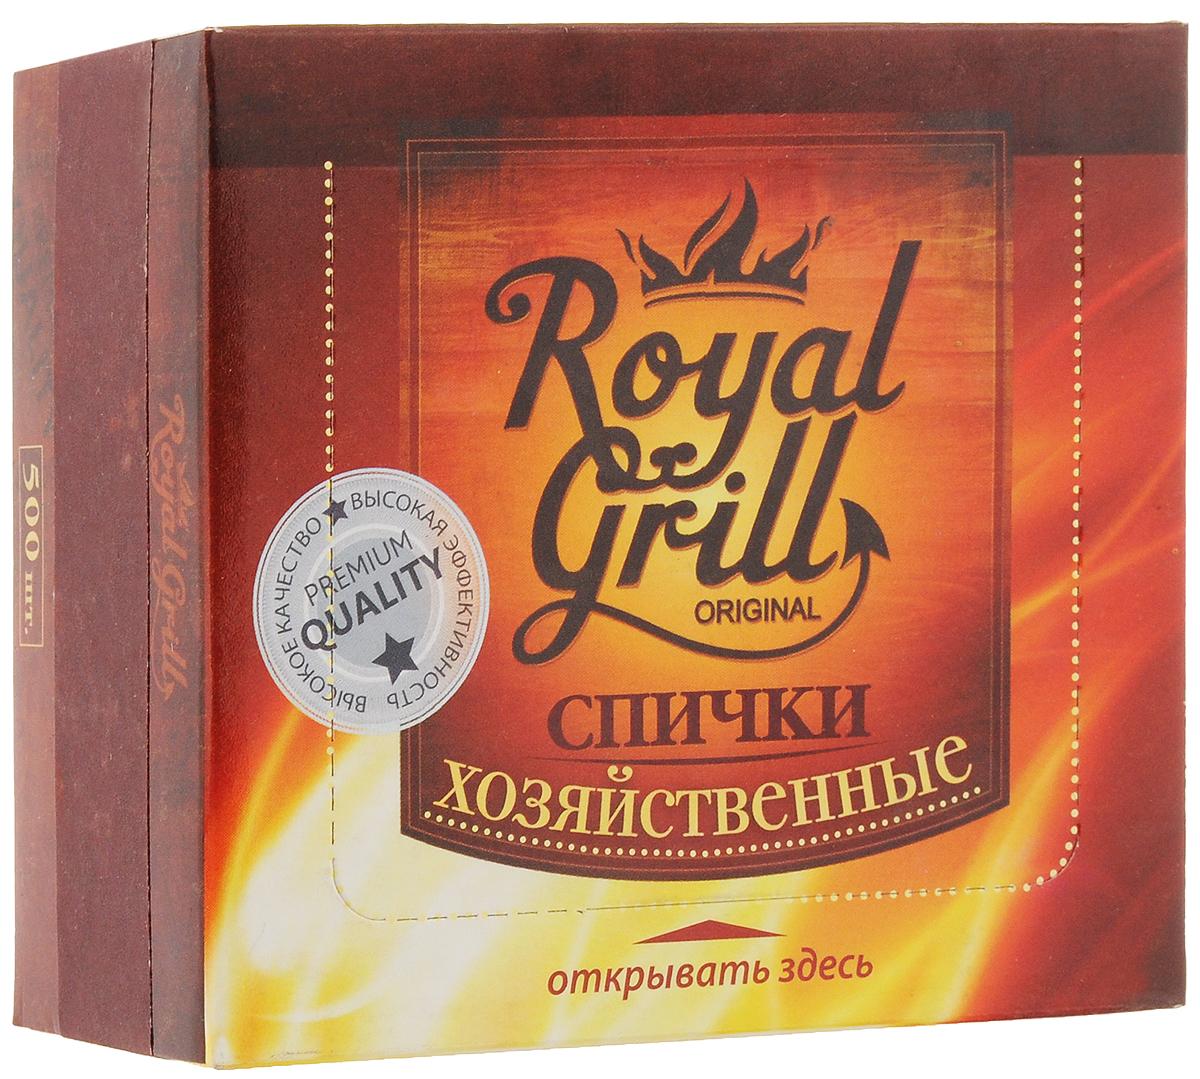 Спички RoyalGrill Хозяйственные, 500 штKOC-H19-LEDСпички RoyalGrill Хозяйственные предназначены для разведения огня. Отлично загораются, их удобно держать в руке с минимальным риском ожогов.Состав: древесина, зажигательный состав.